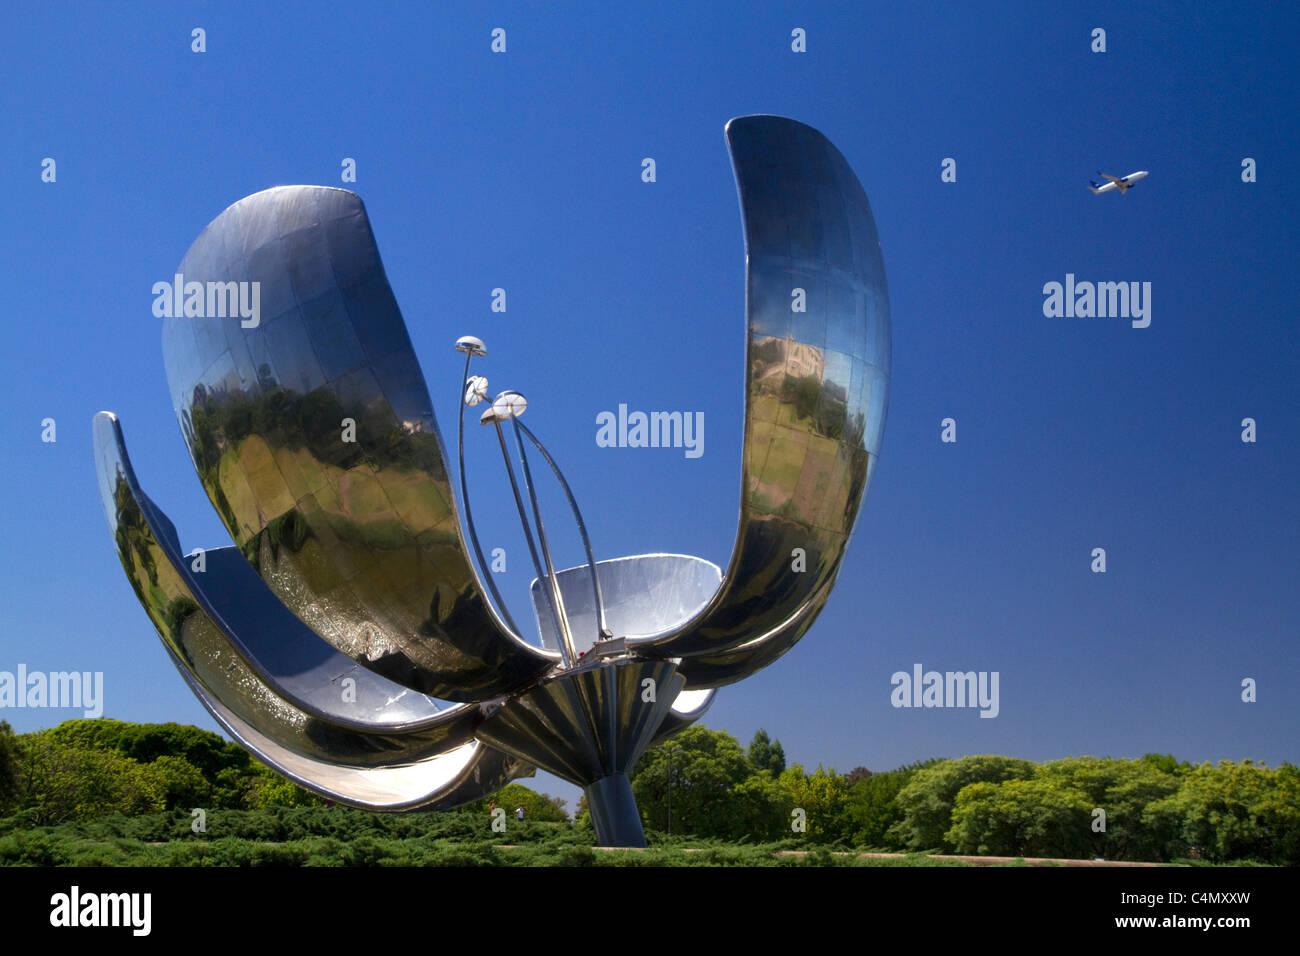 Floralis Generica est une sculpture en acier et aluminium situé sur la Plaza de las Naciones Unidas à Photo Stock